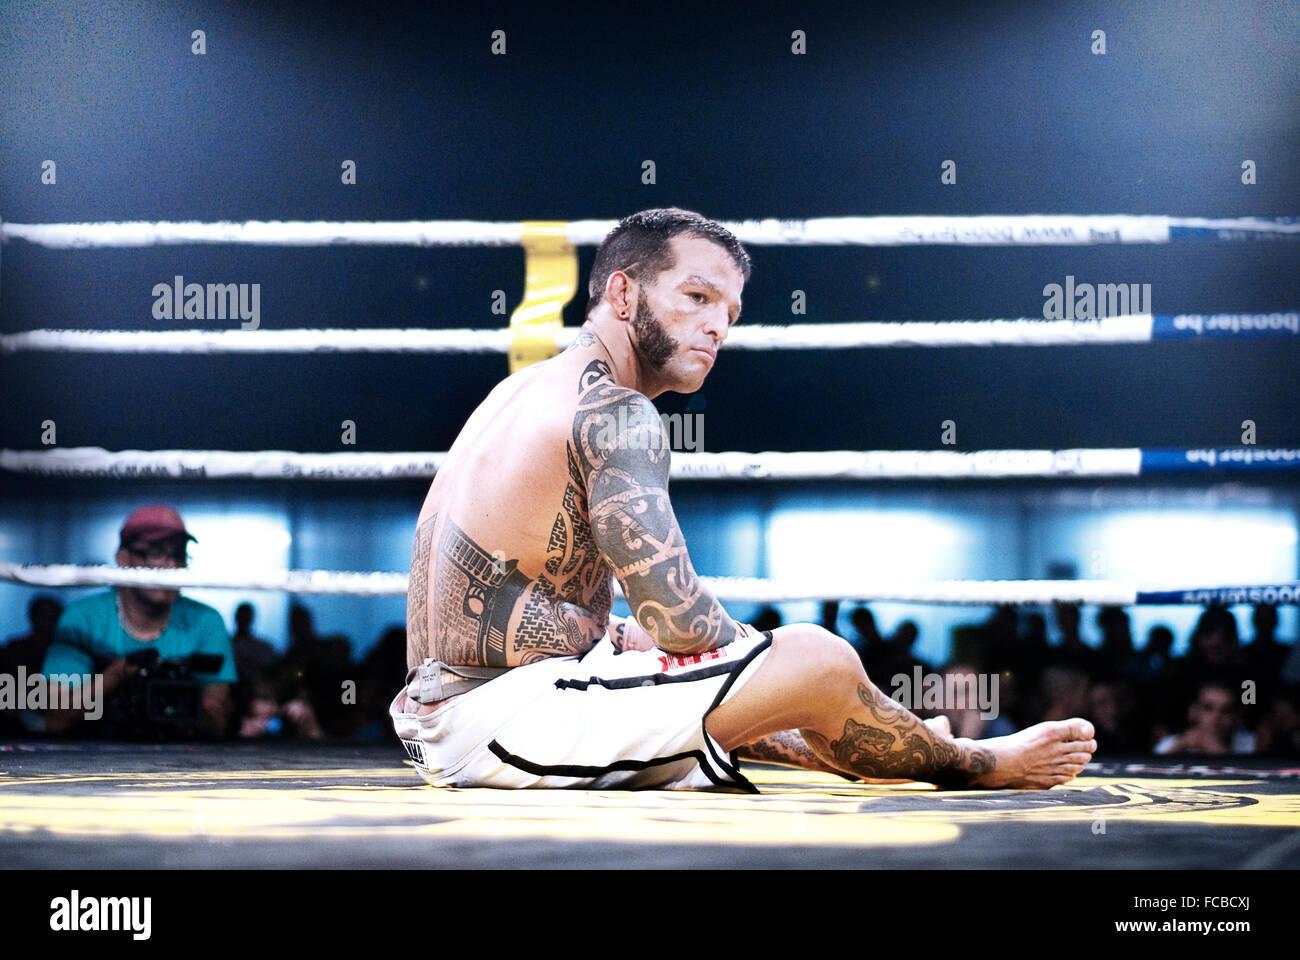 MMA fighter sobre la alfombrilla después de sufrir una derrota en combate Imagen De Stock